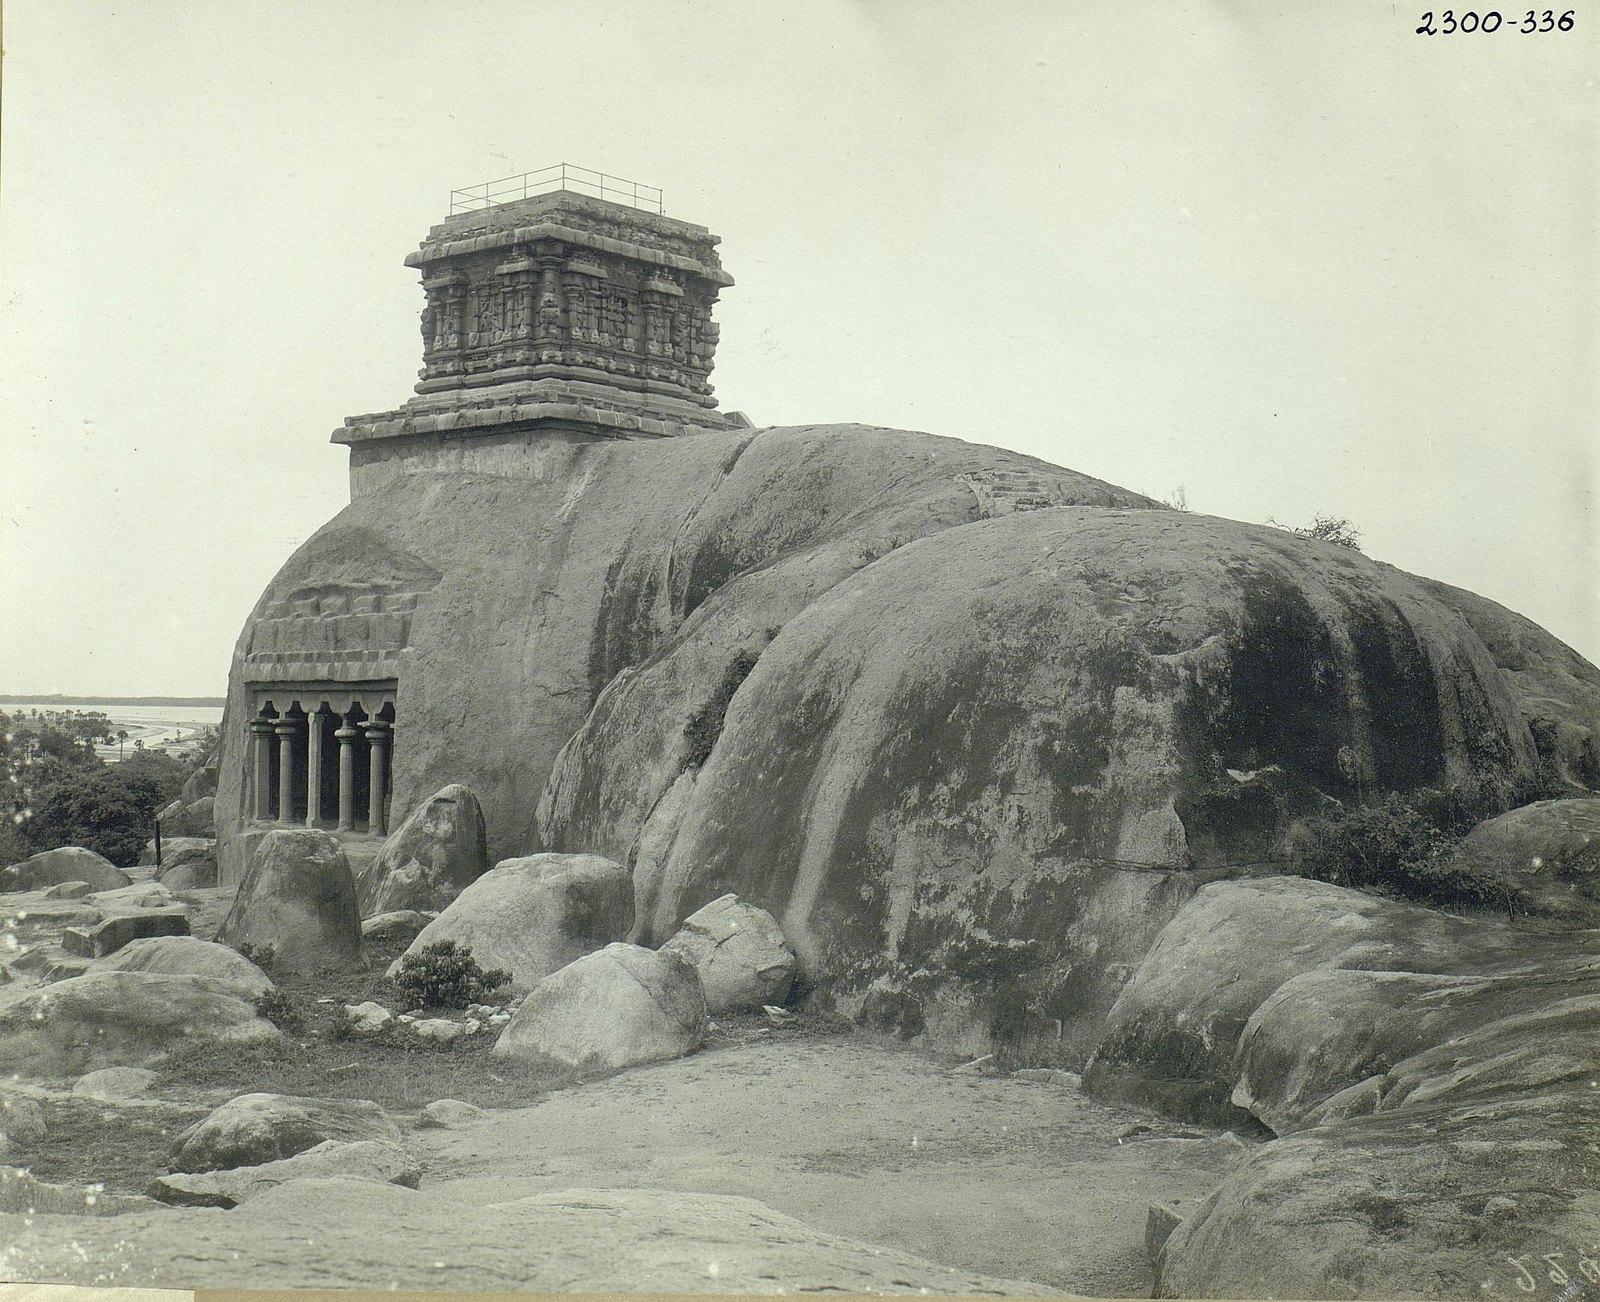 Мамаллапур (общий вид местности, в которой находятся храмы) (11)